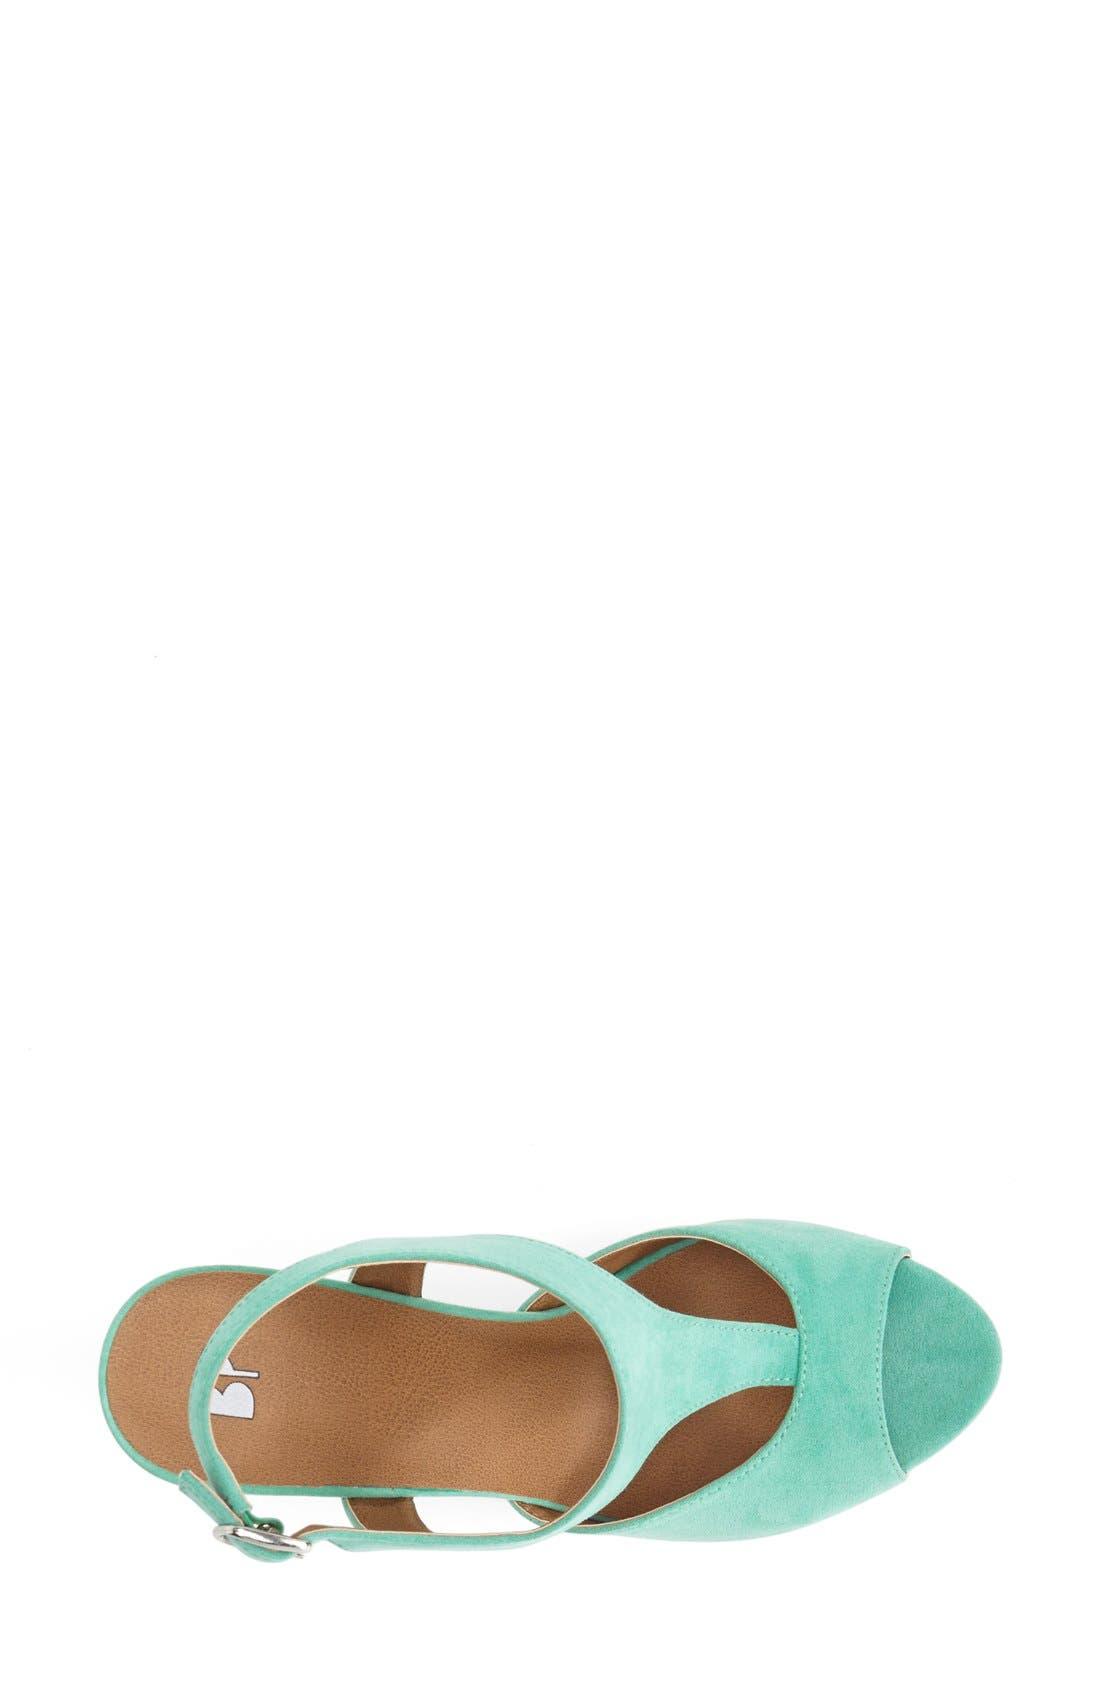 Alternate Image 3  - BP. 'Springs' Peep Toe Wedge Sandal (Women)